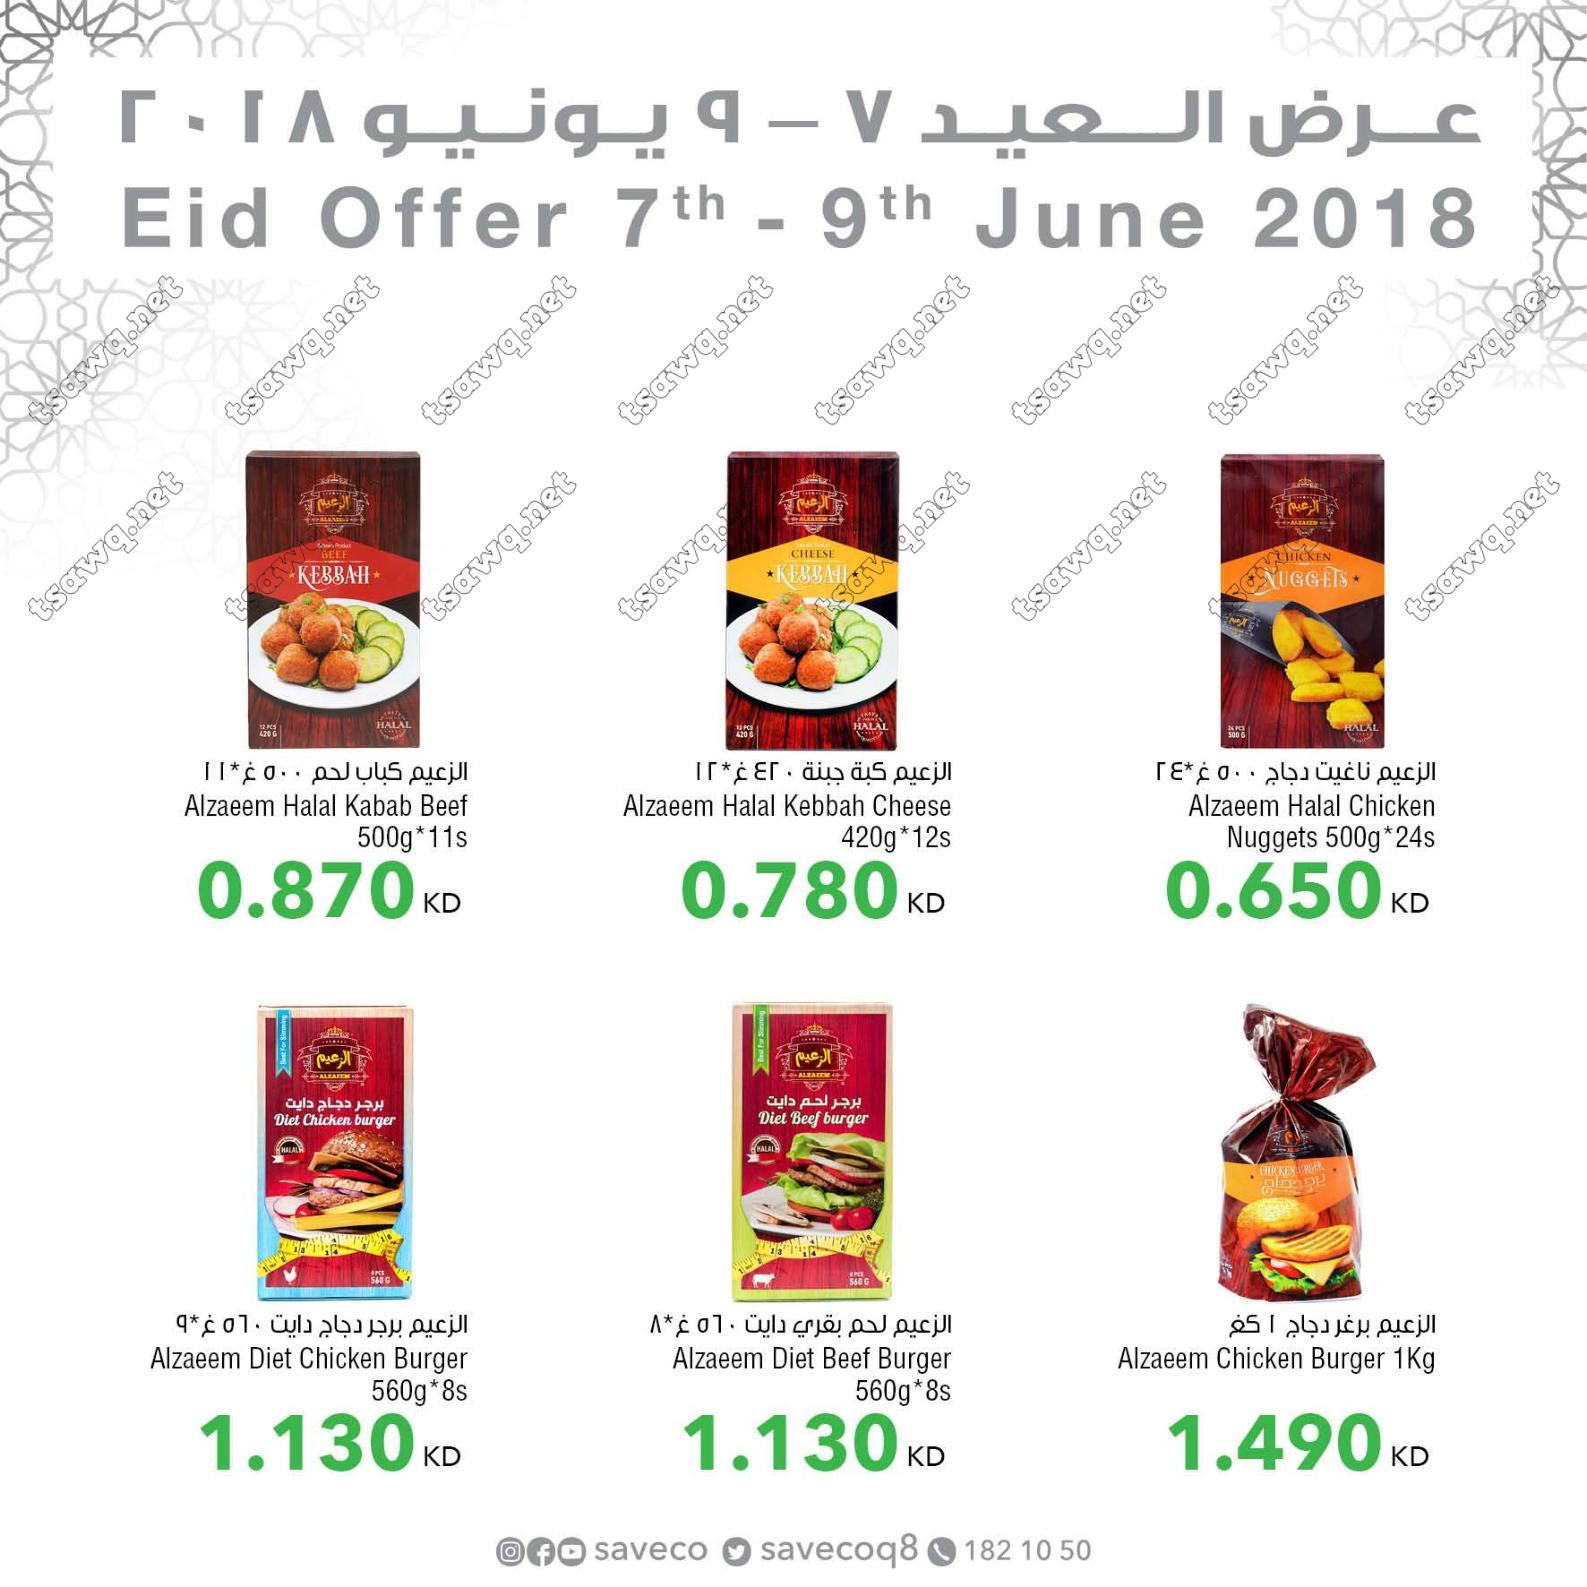 عروض سيفكو الكويت من 7 حتى 9 يونيو 2018 صفقات العيد